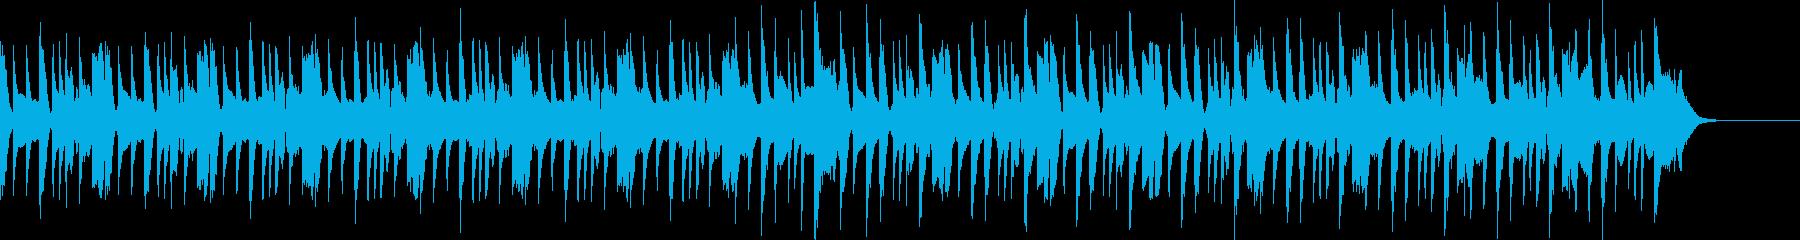 コミカルなテクノポップジングル30秒の再生済みの波形